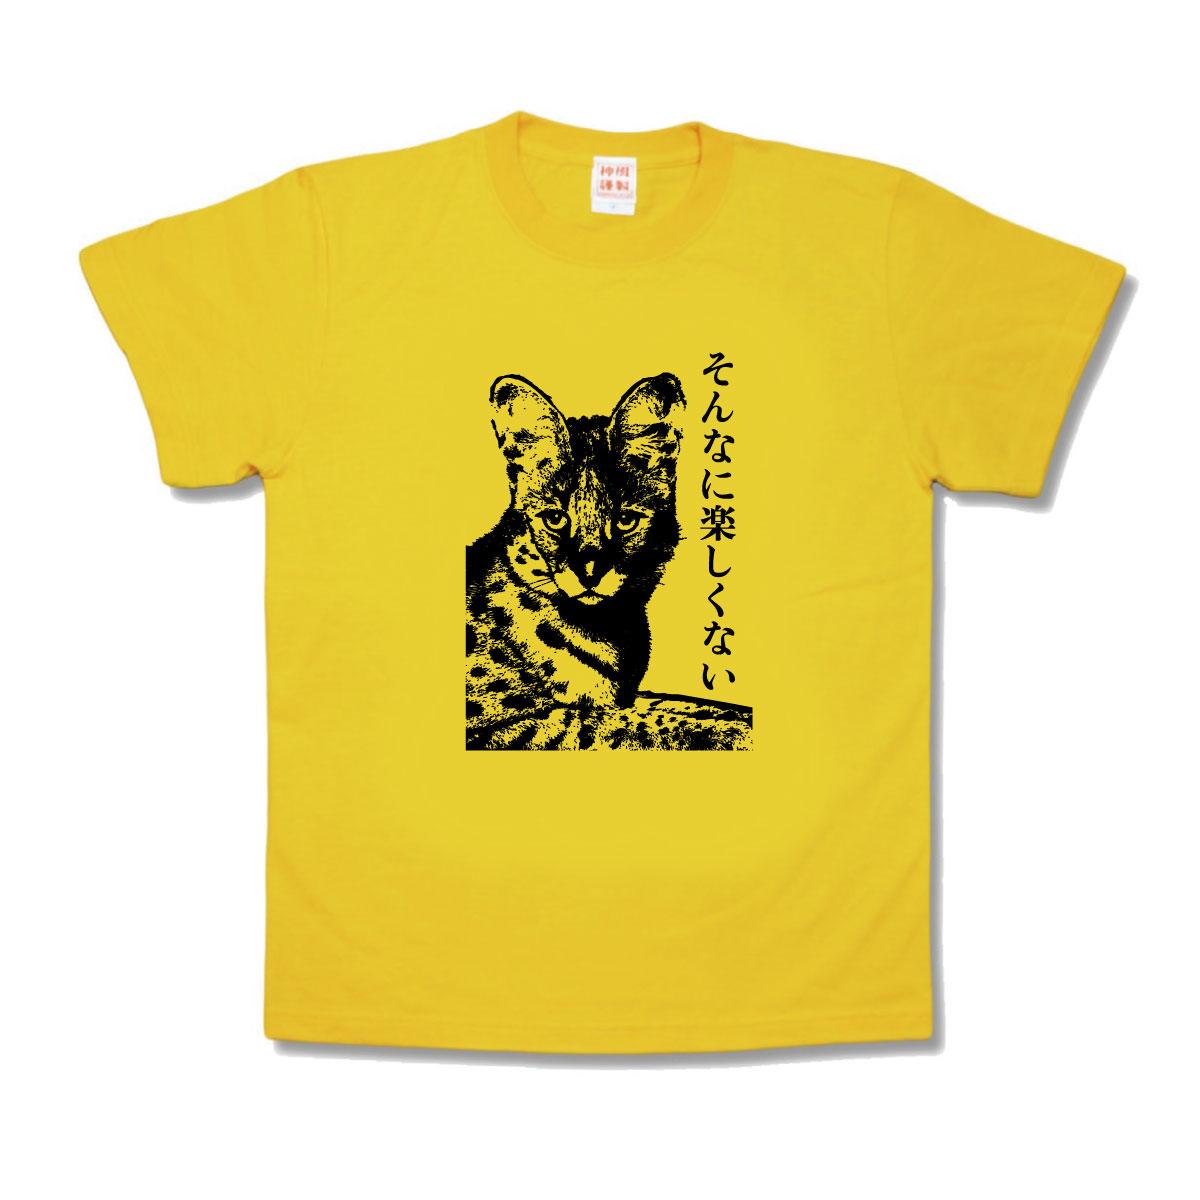 おすすめ特集 新作 人気 おもしろTシャツ サーバルキャット